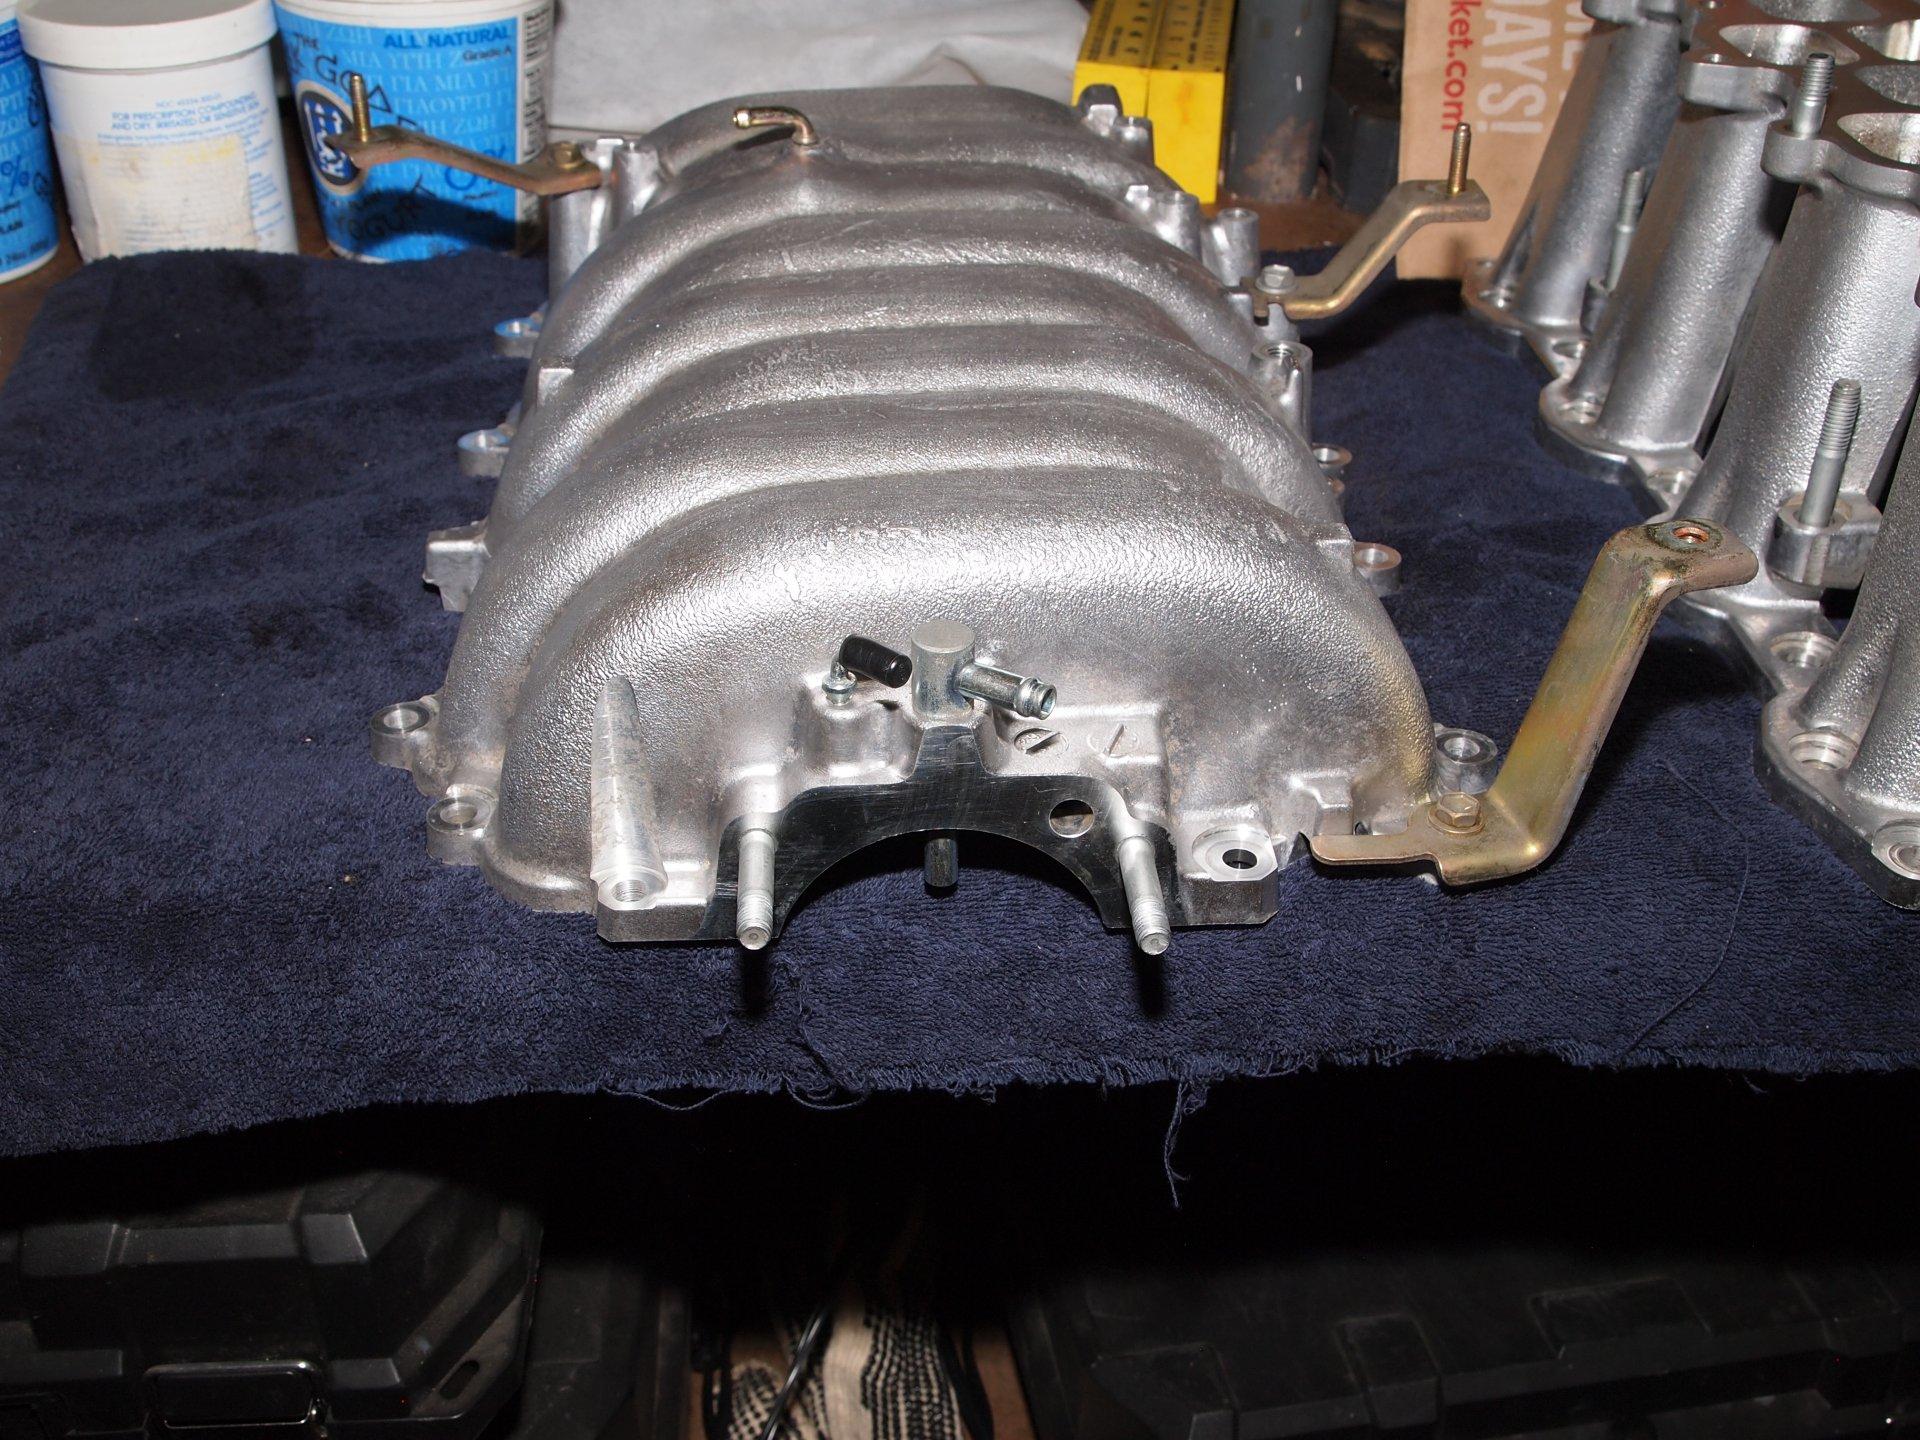 Z 01 LX470 day Starter install & wire splice 3-21-16 032.JPG